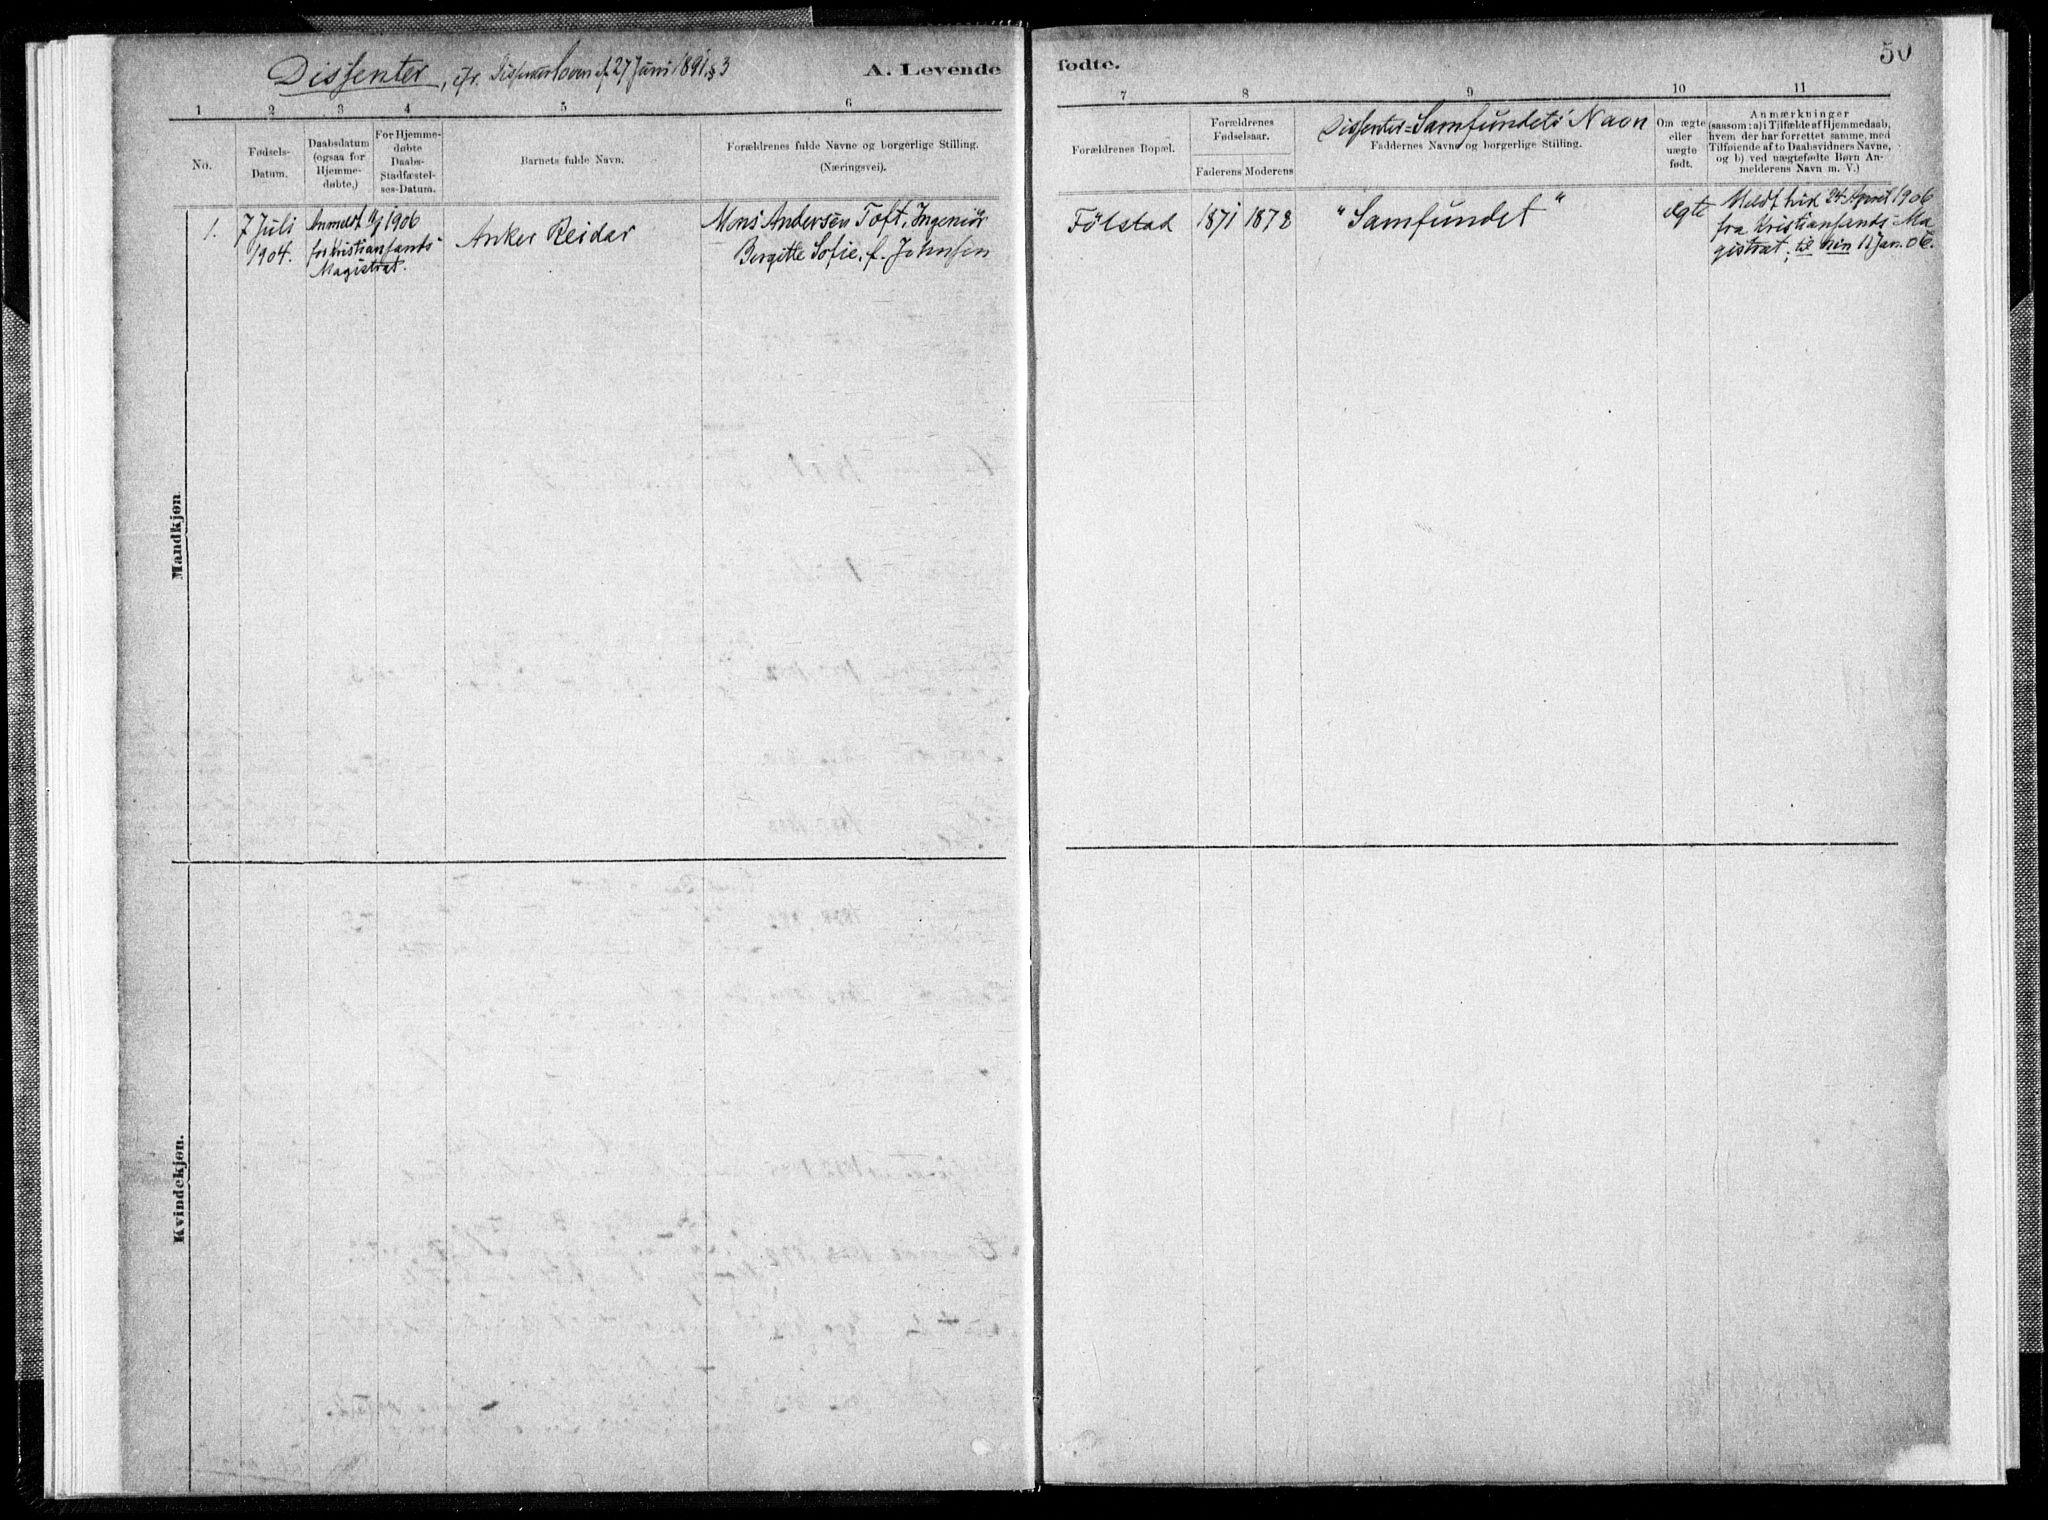 SAT, Ministerialprotokoller, klokkerbøker og fødselsregistre - Nord-Trøndelag, 731/L0309: Parish register (official) no. 731A01, 1879-1918, p. 50